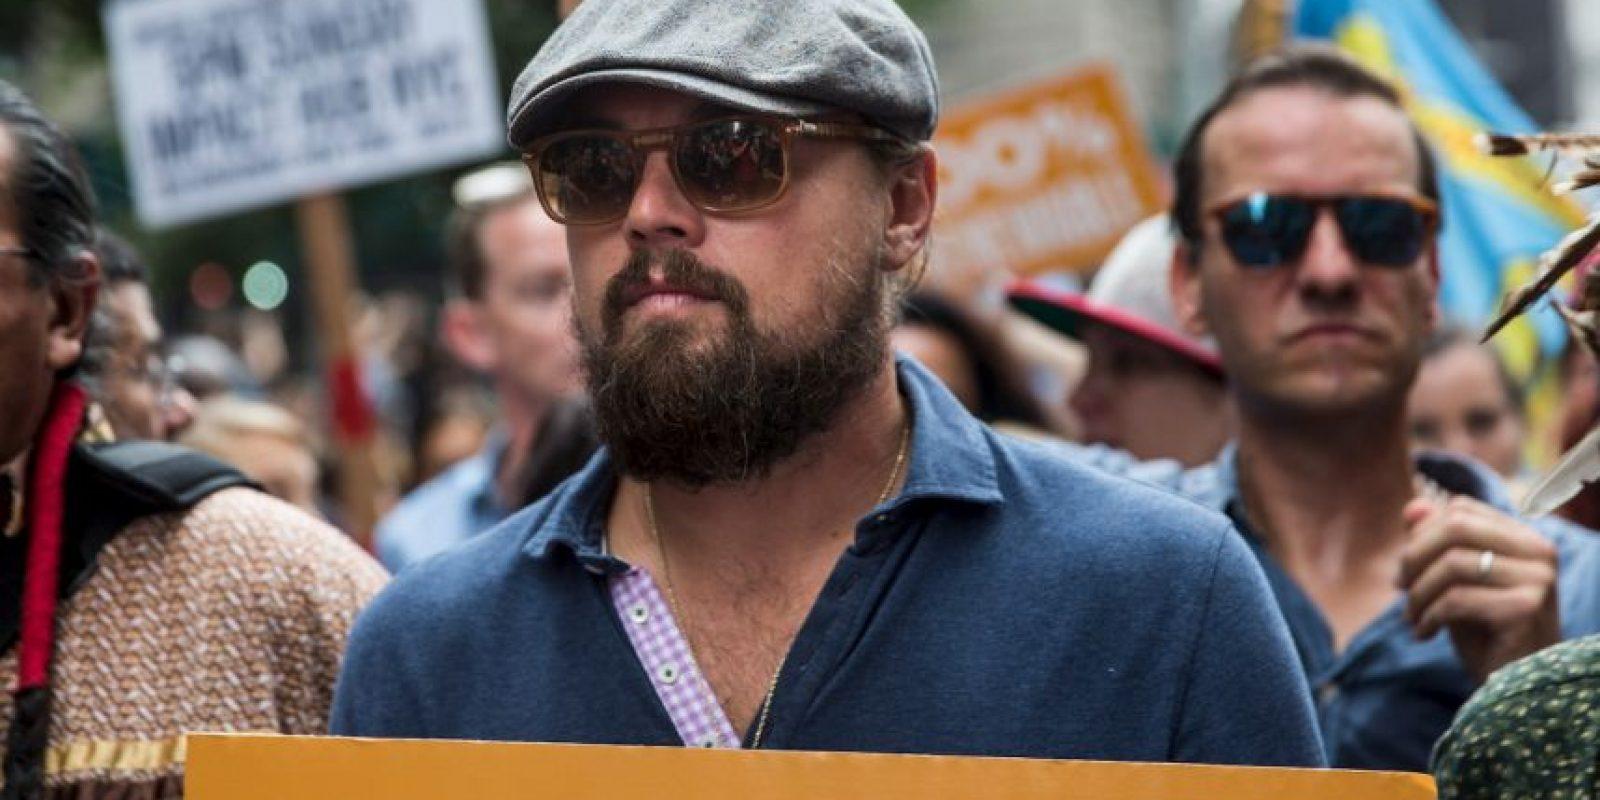 La lucha de Leonardo DiCaprio contra el cambio climático Foto:Getty Images